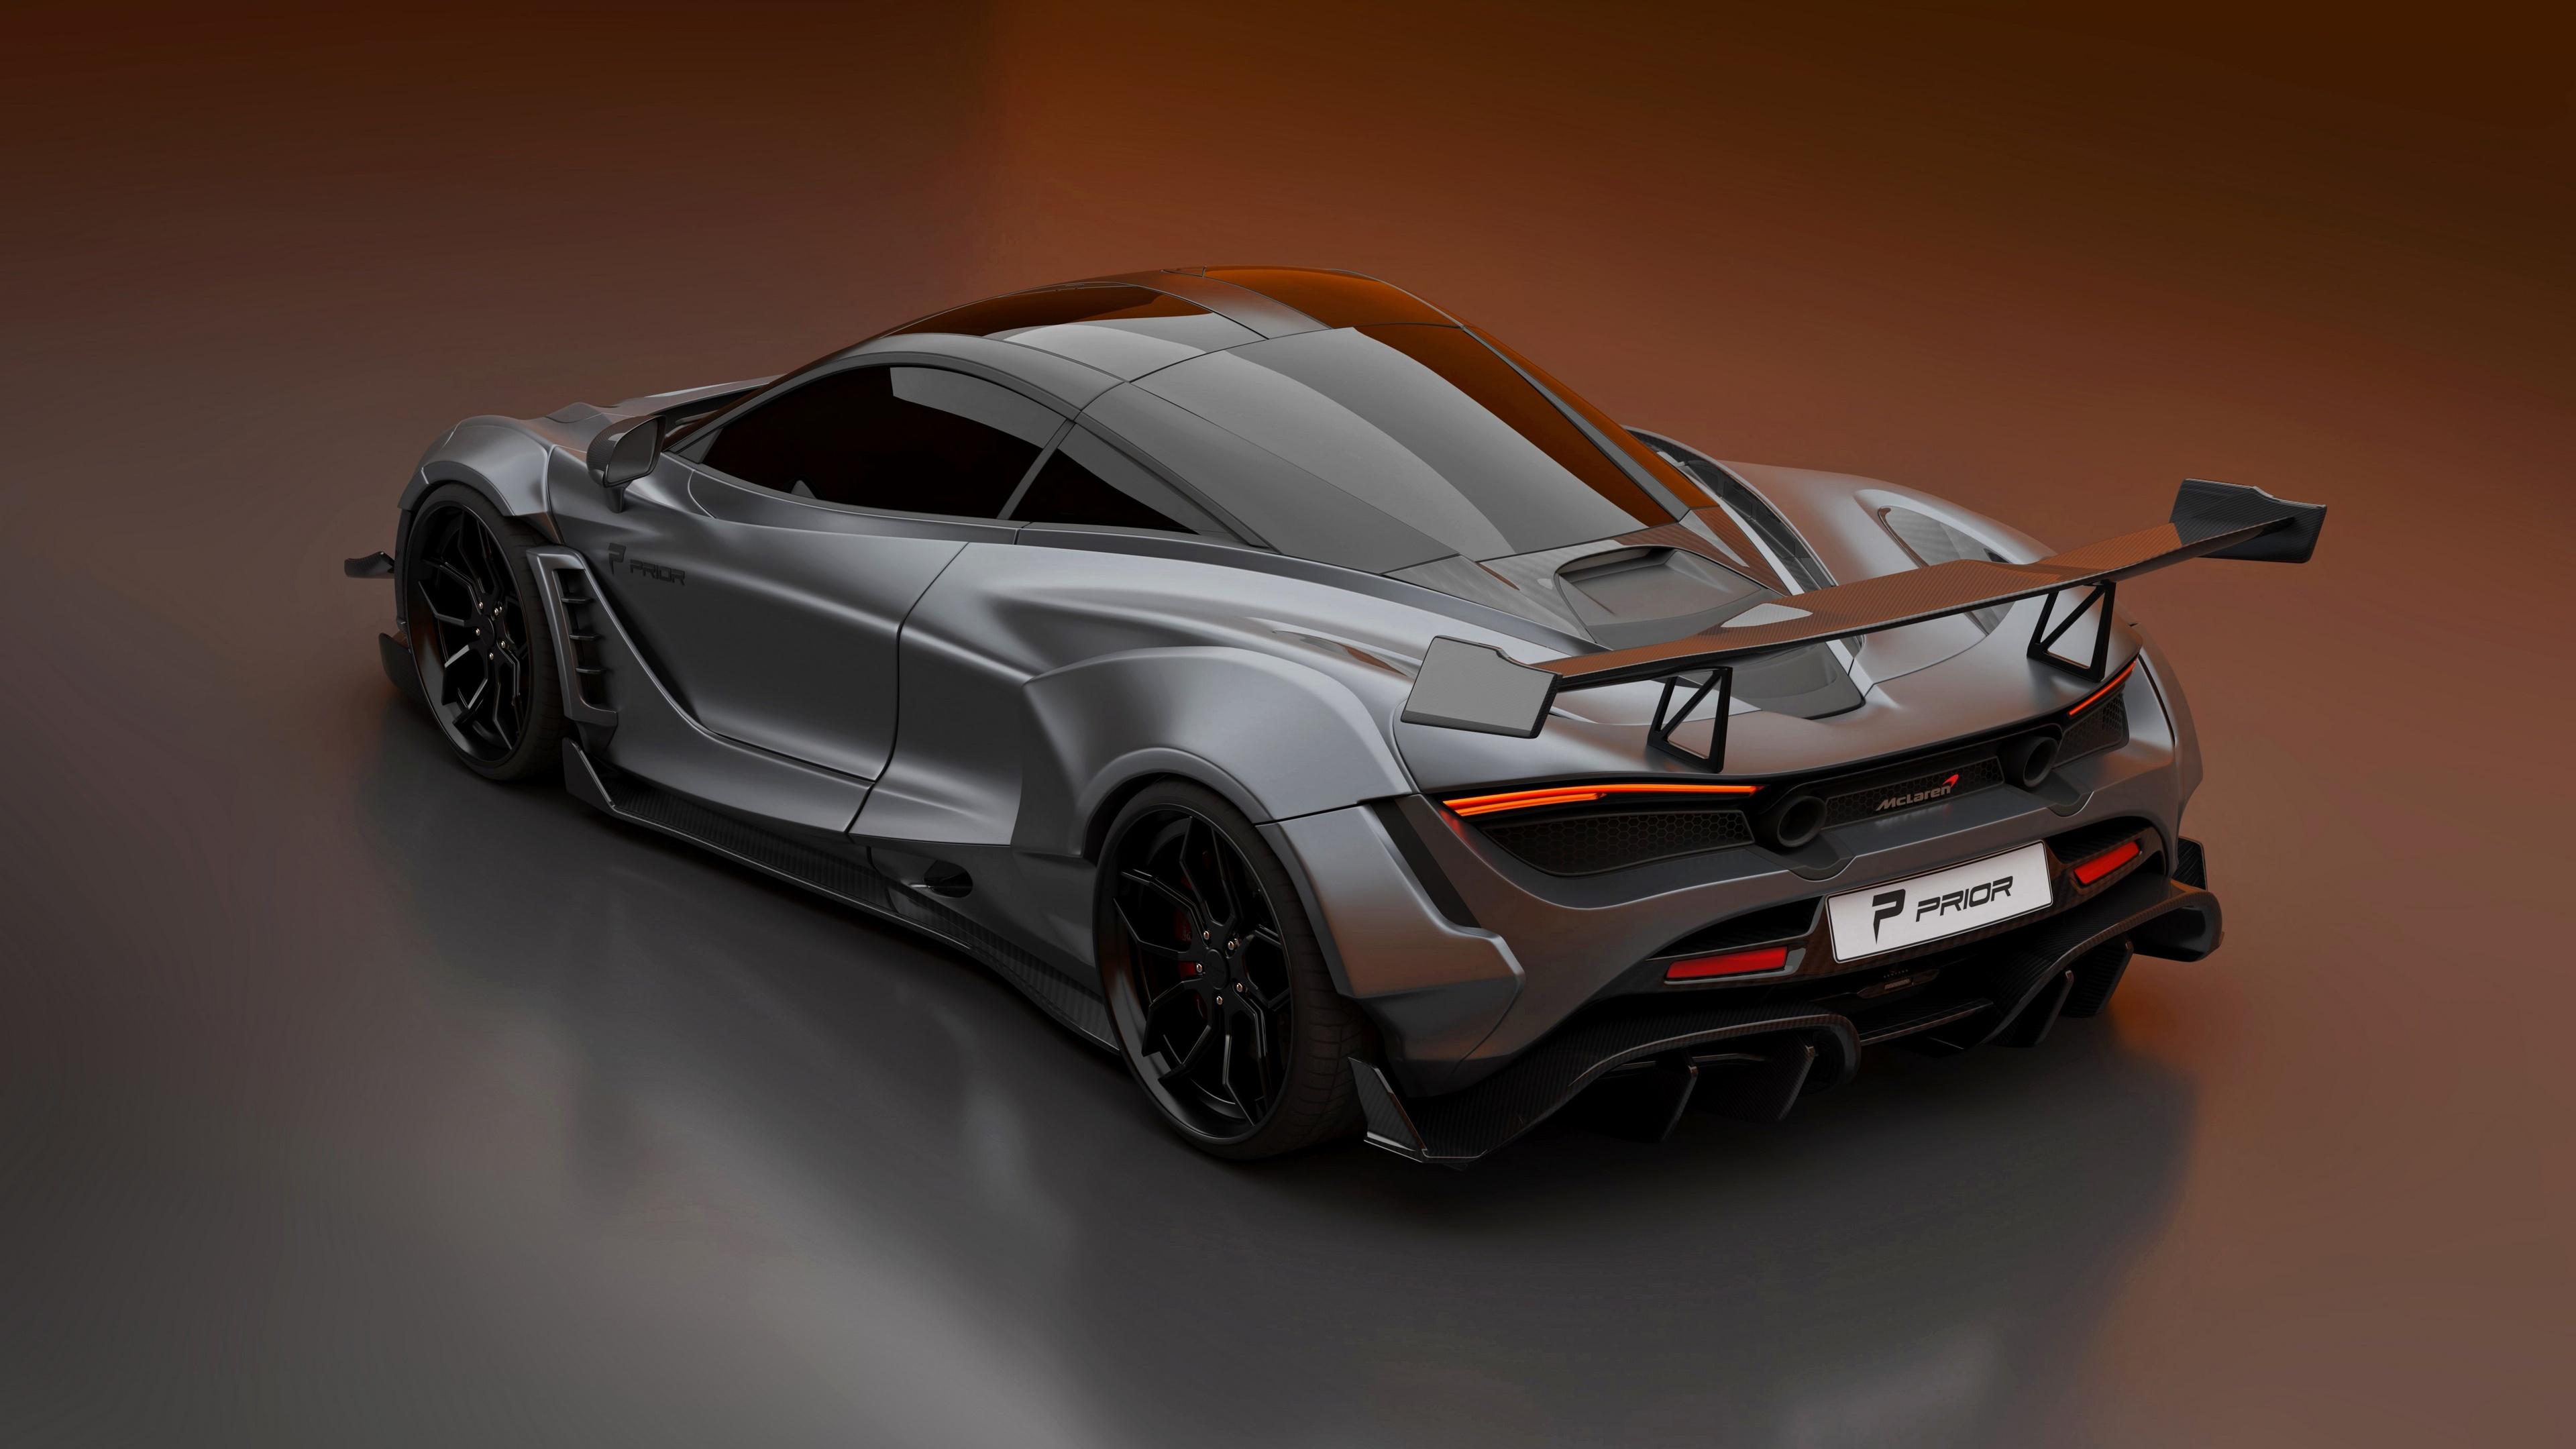 3840x2160 McLaren 2020 720S Widebody Kit 4k 4k HD 4k ...